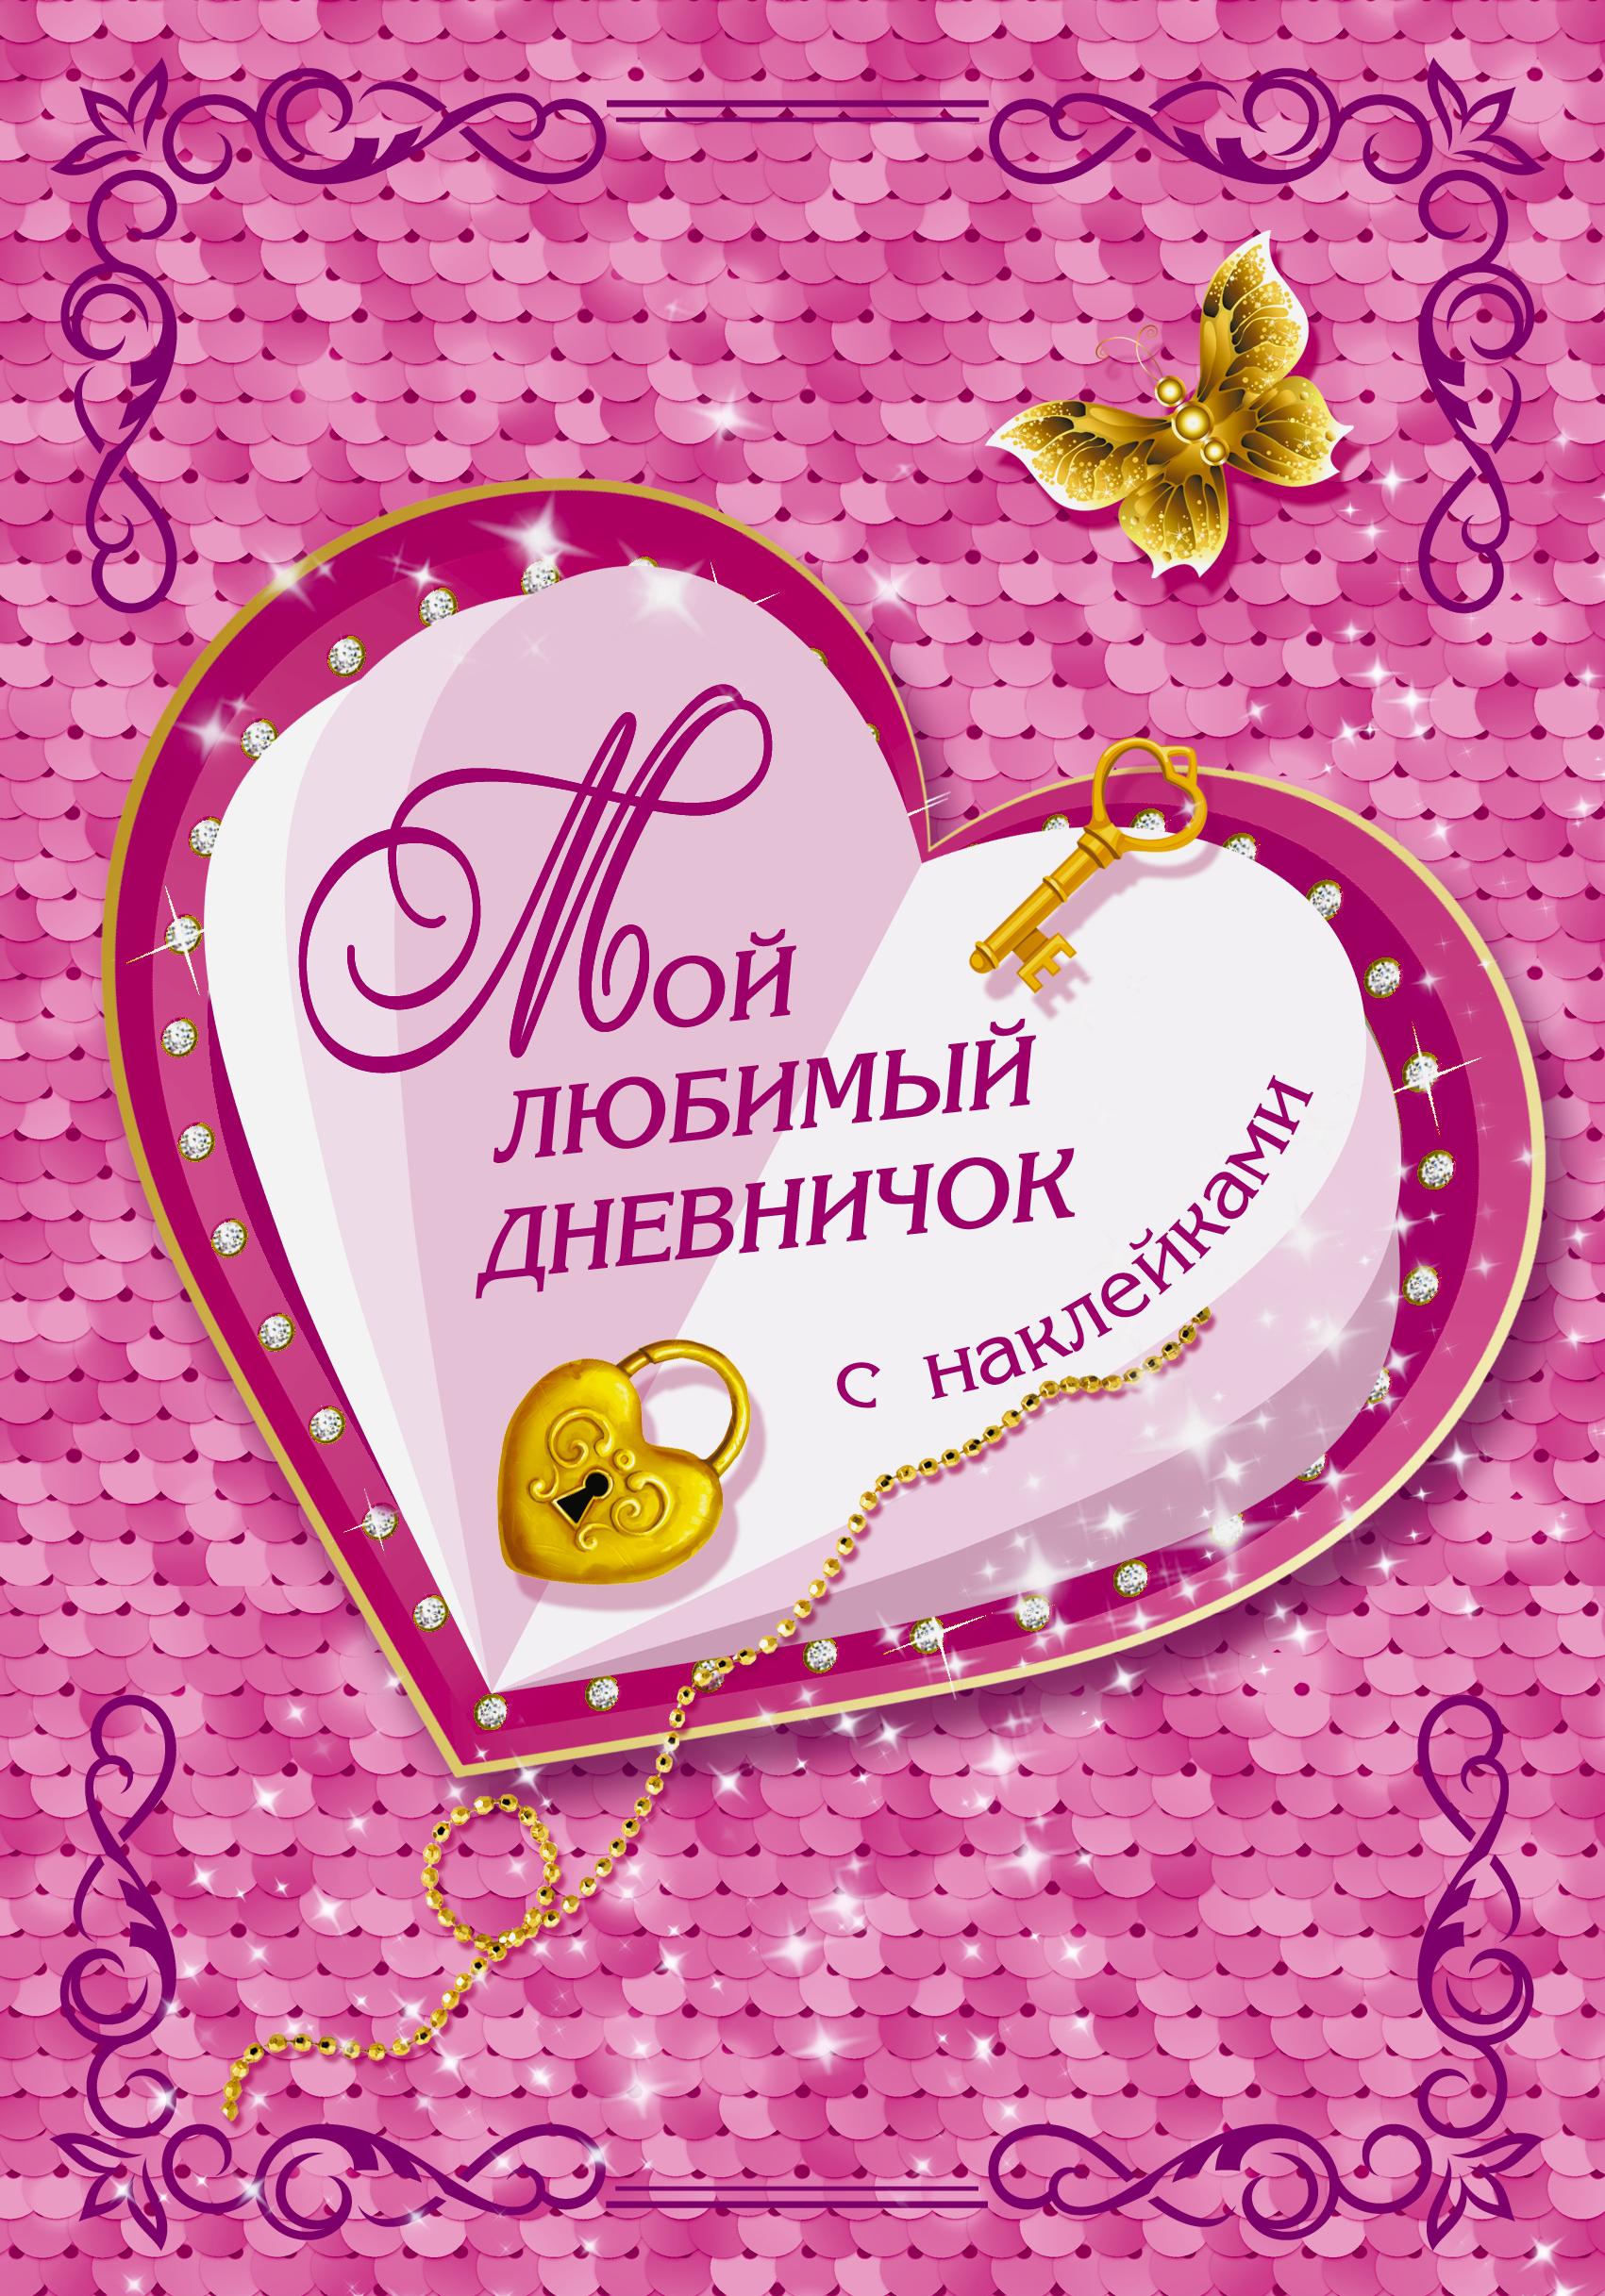 Дмитриева В.Г. Мой любимый дневничок с наклейками дневничок учащегося с наклейками